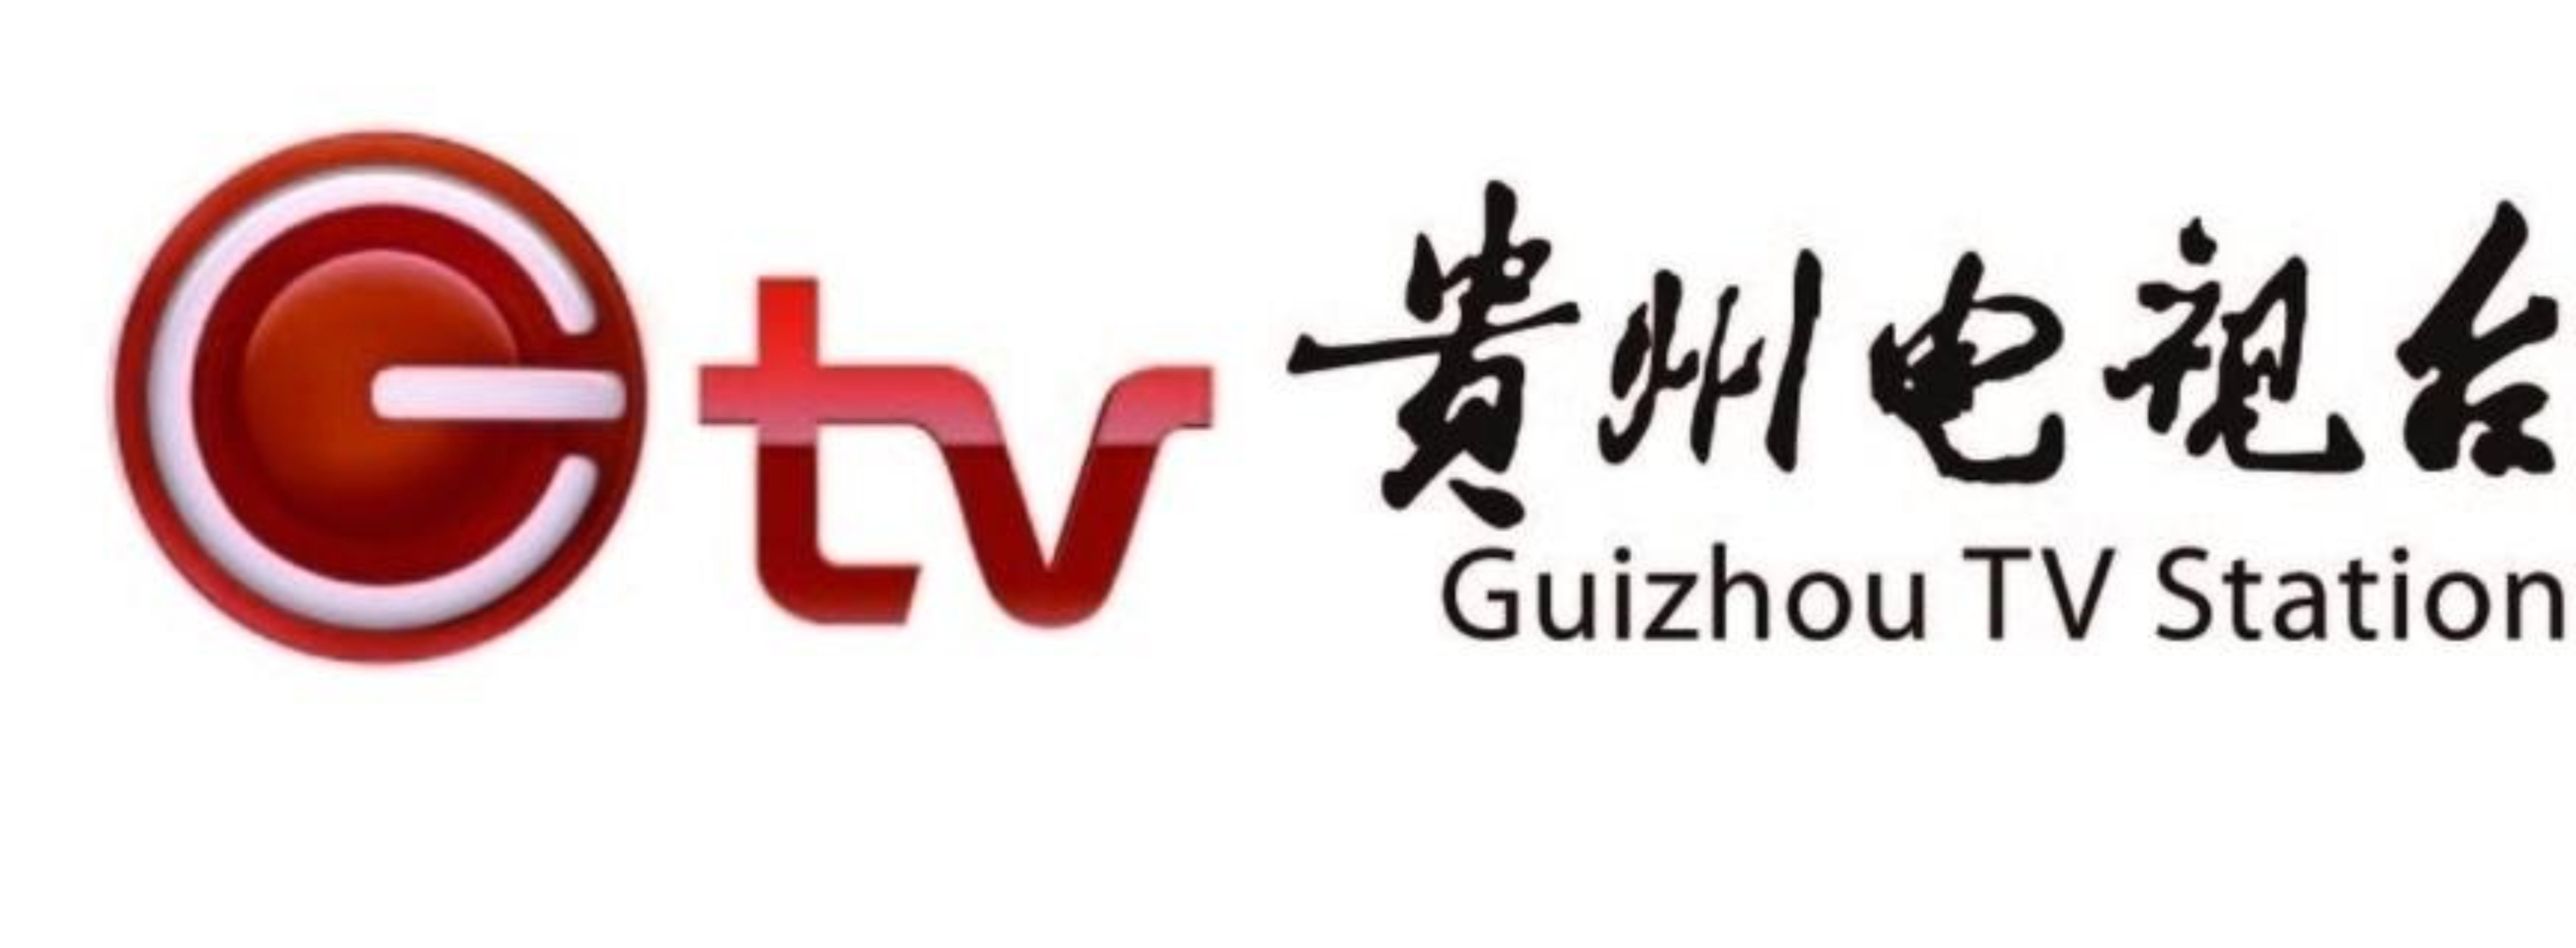 贵州电视台广告发布投放